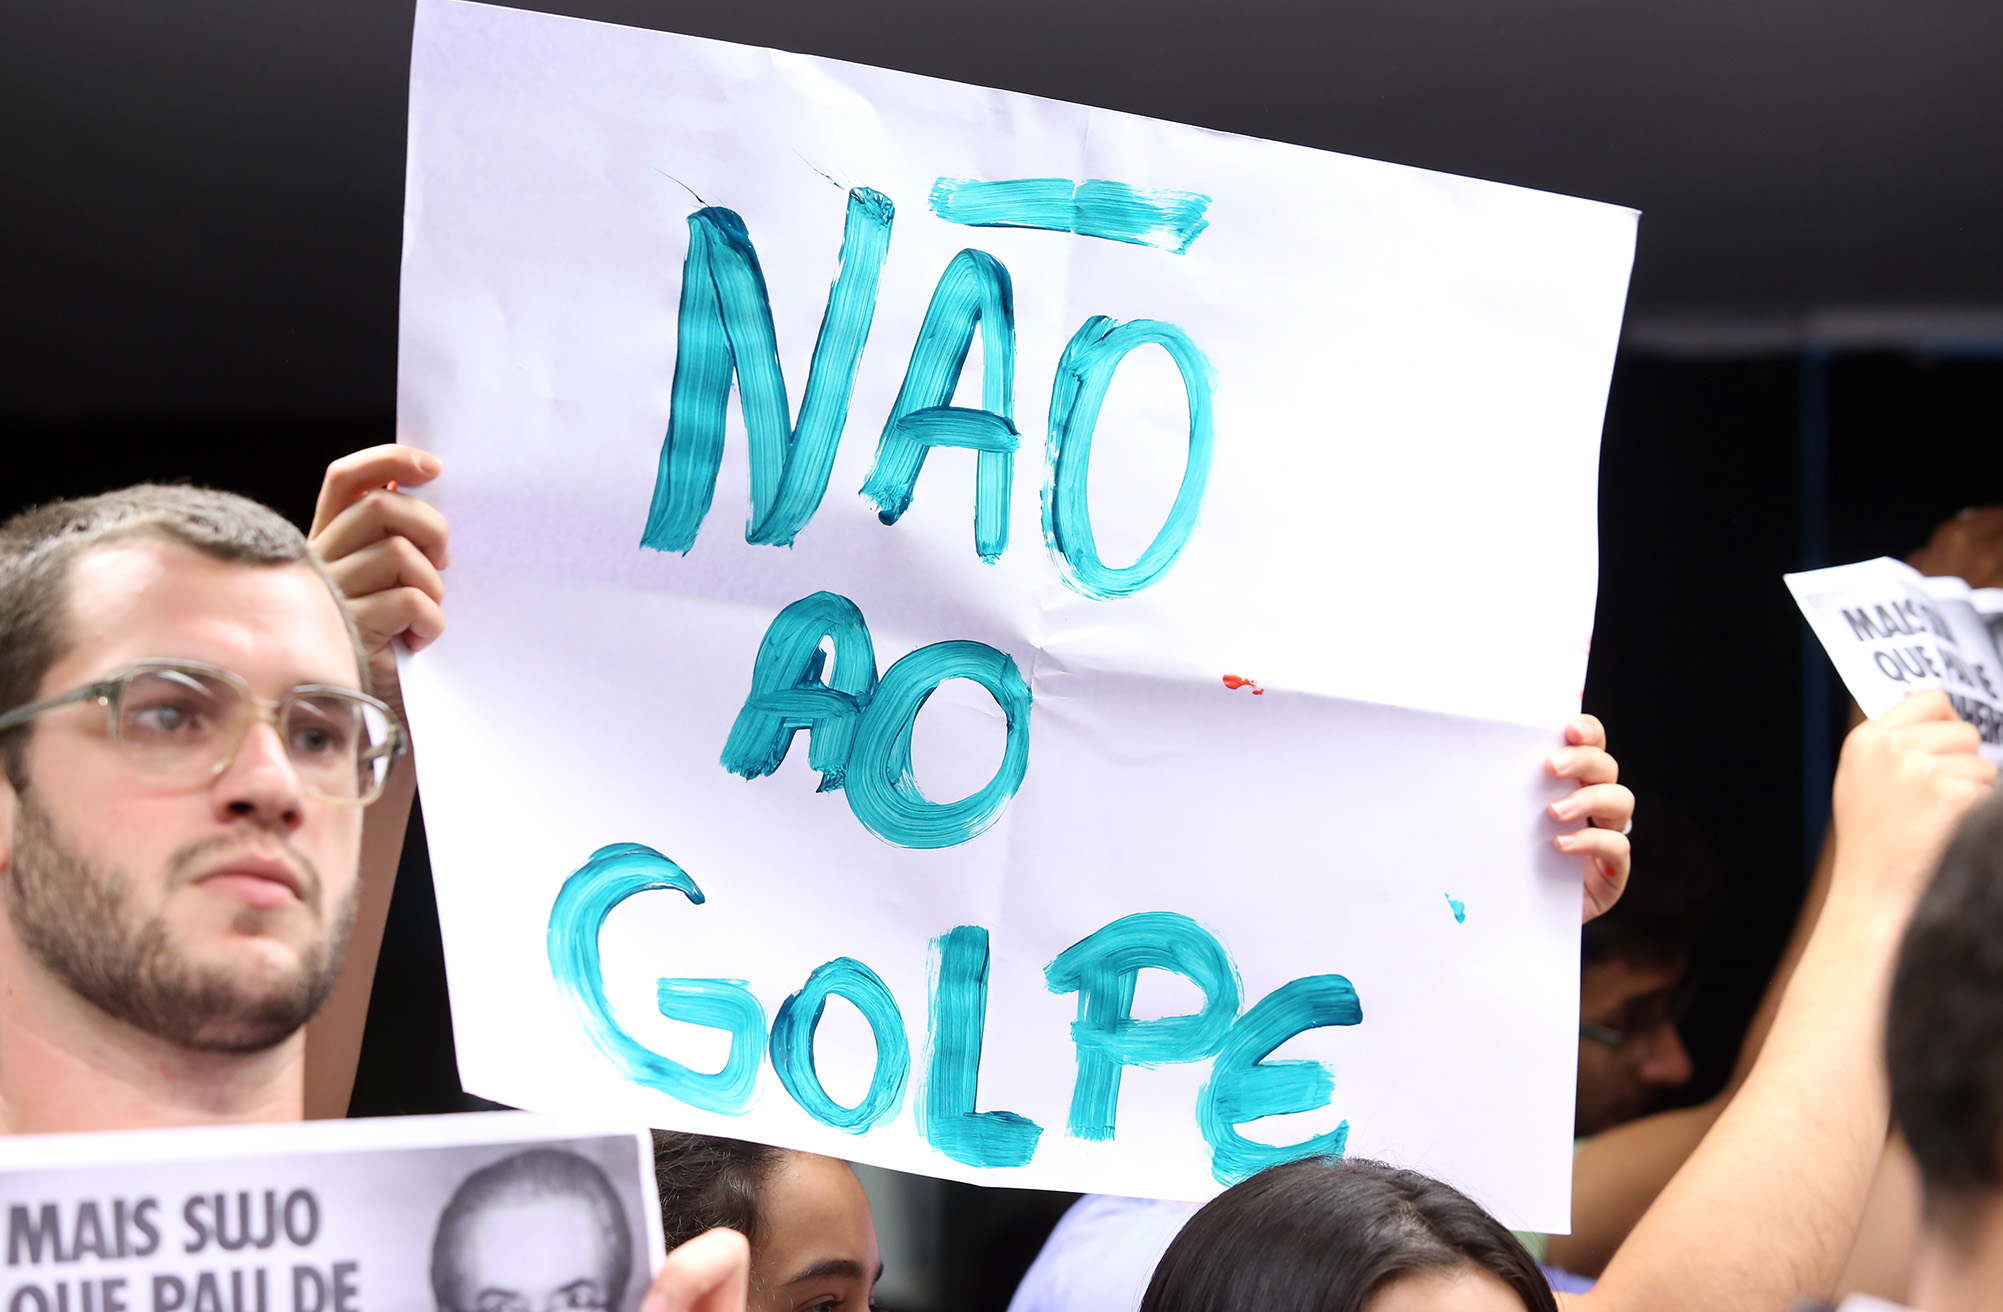 Reunião para continuação da apreciação do parecer preliminar referente ao Processo Nº 01/15, Representação Nº 01/15, do PSOL e REDE, em desfavor do dep. Eduardo Cunha (PMDB/RJ)